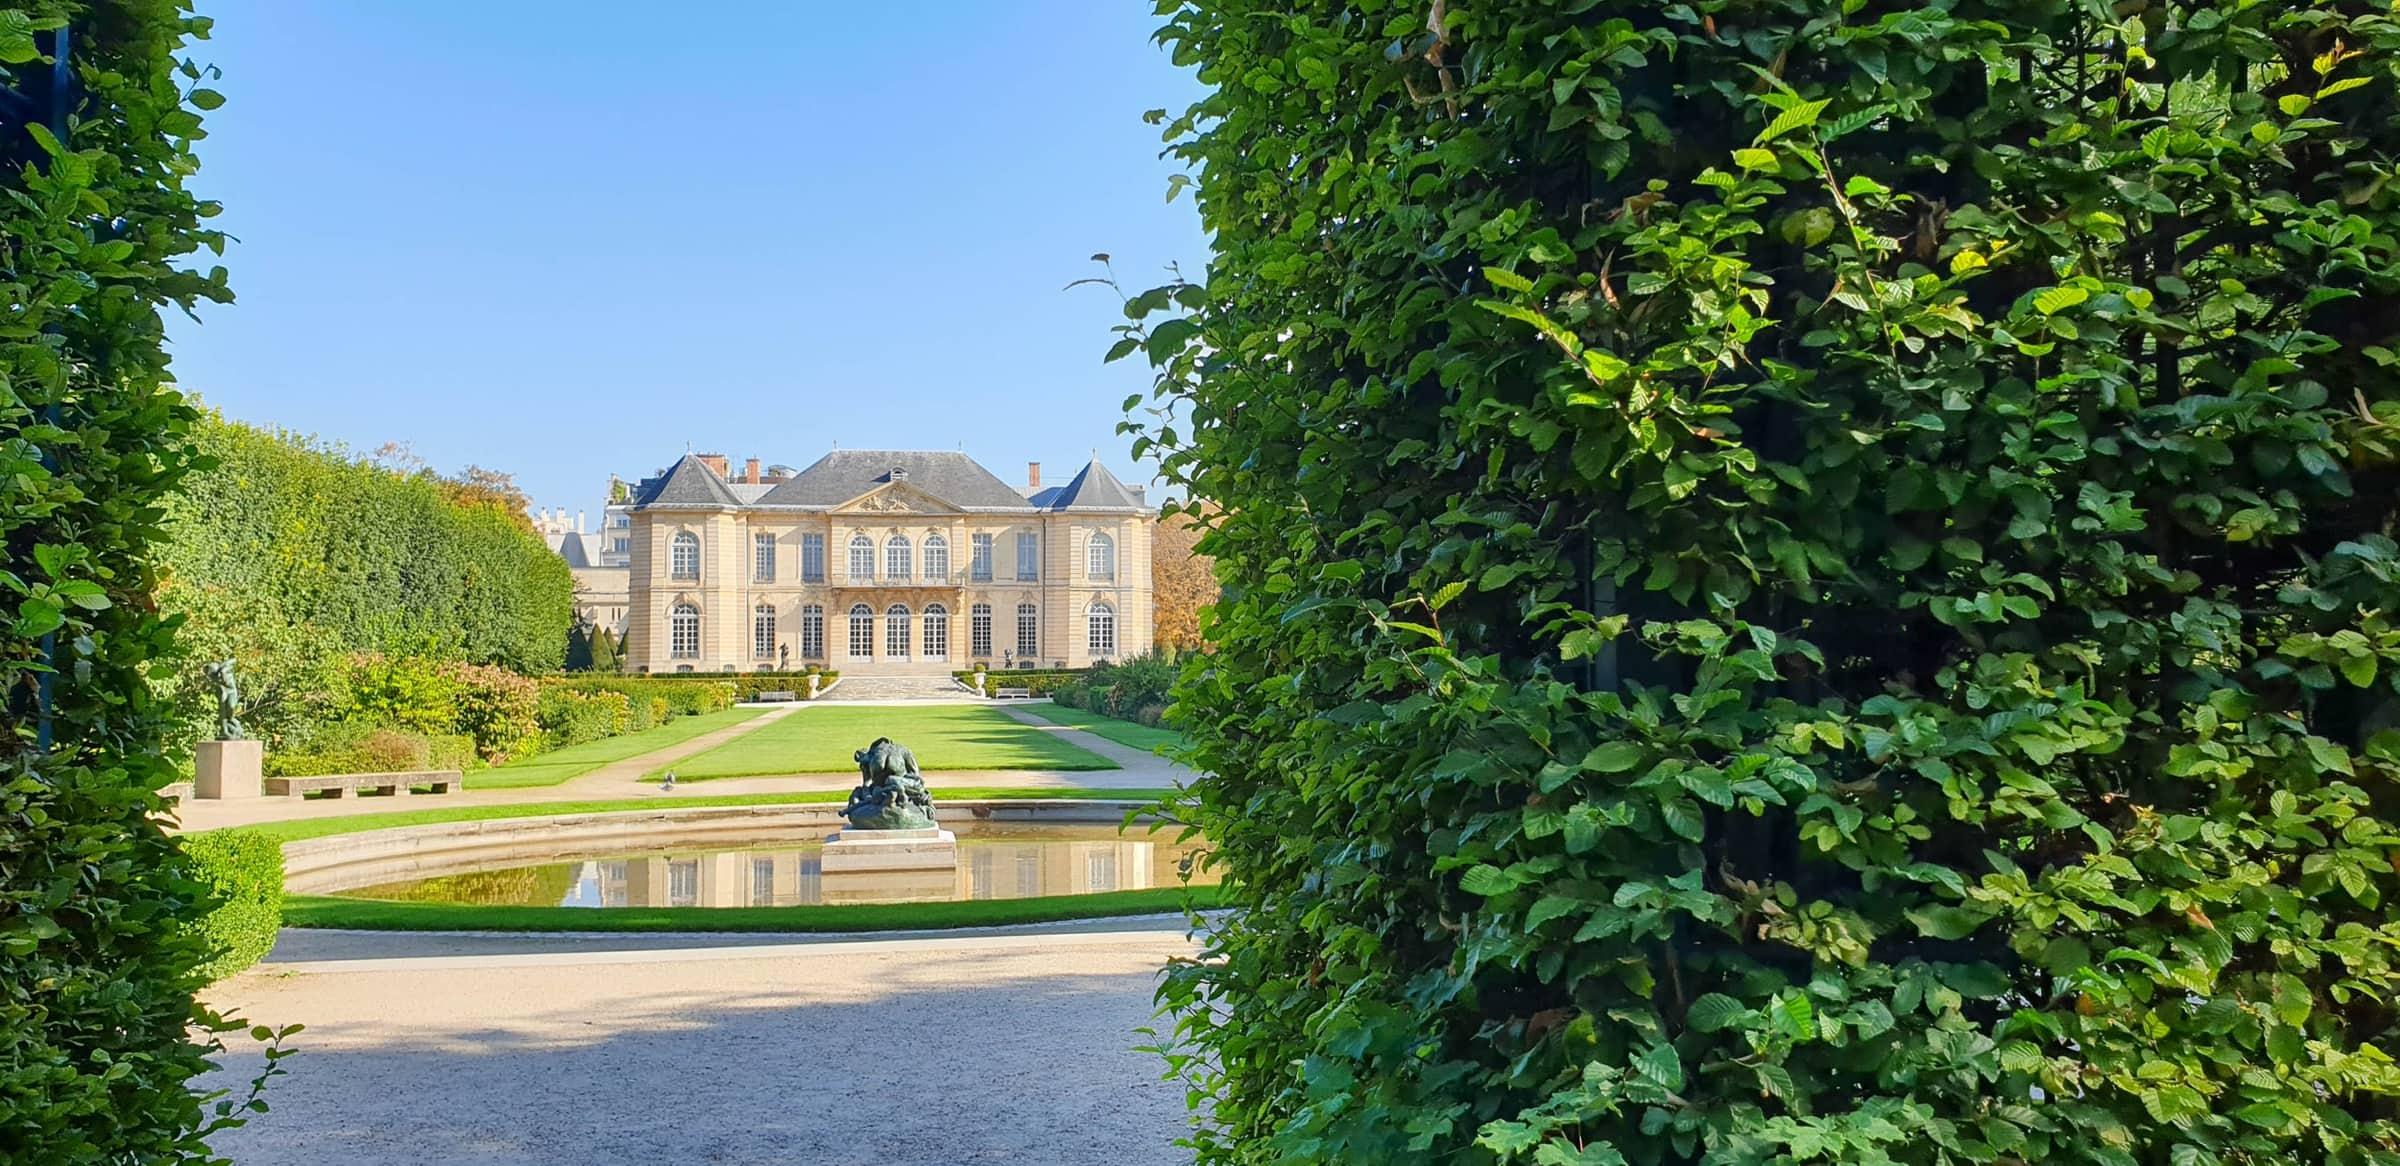 Garten des Musée Rodin, Paris